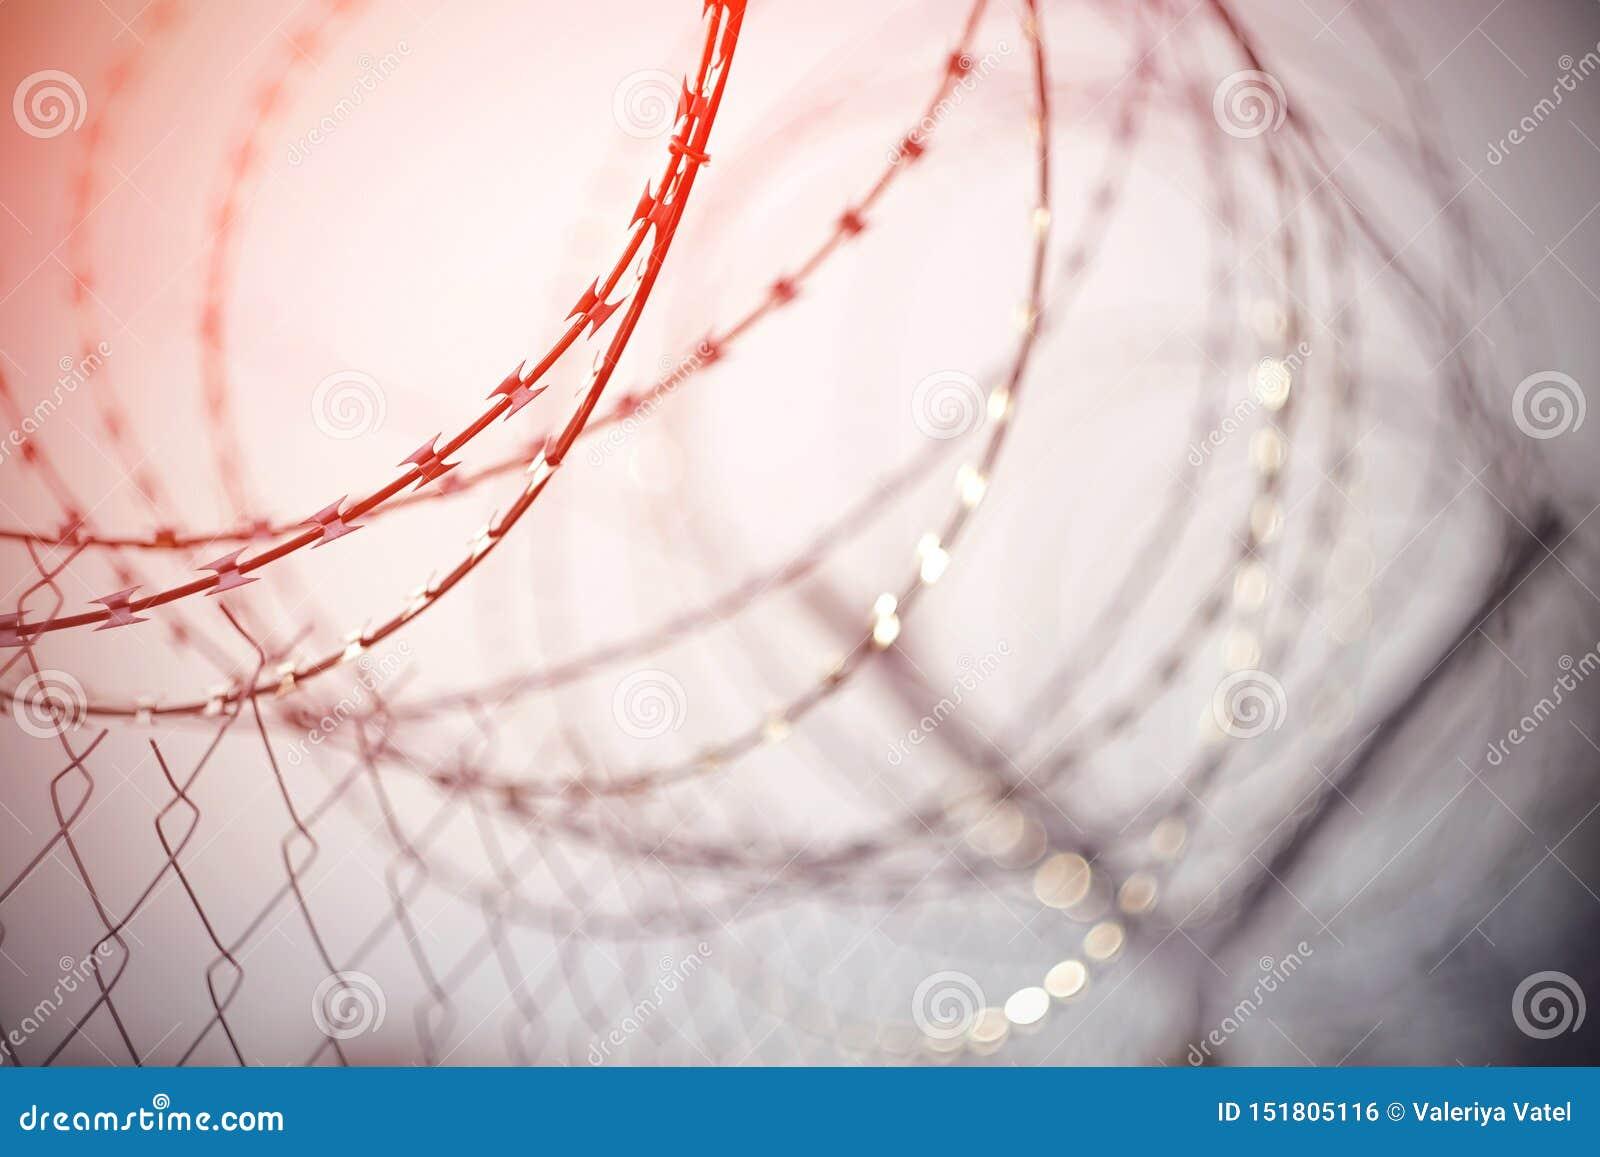 Le barbelé en métal, tordu dans une spirale sur la barrière de maille, a accentué en rouge